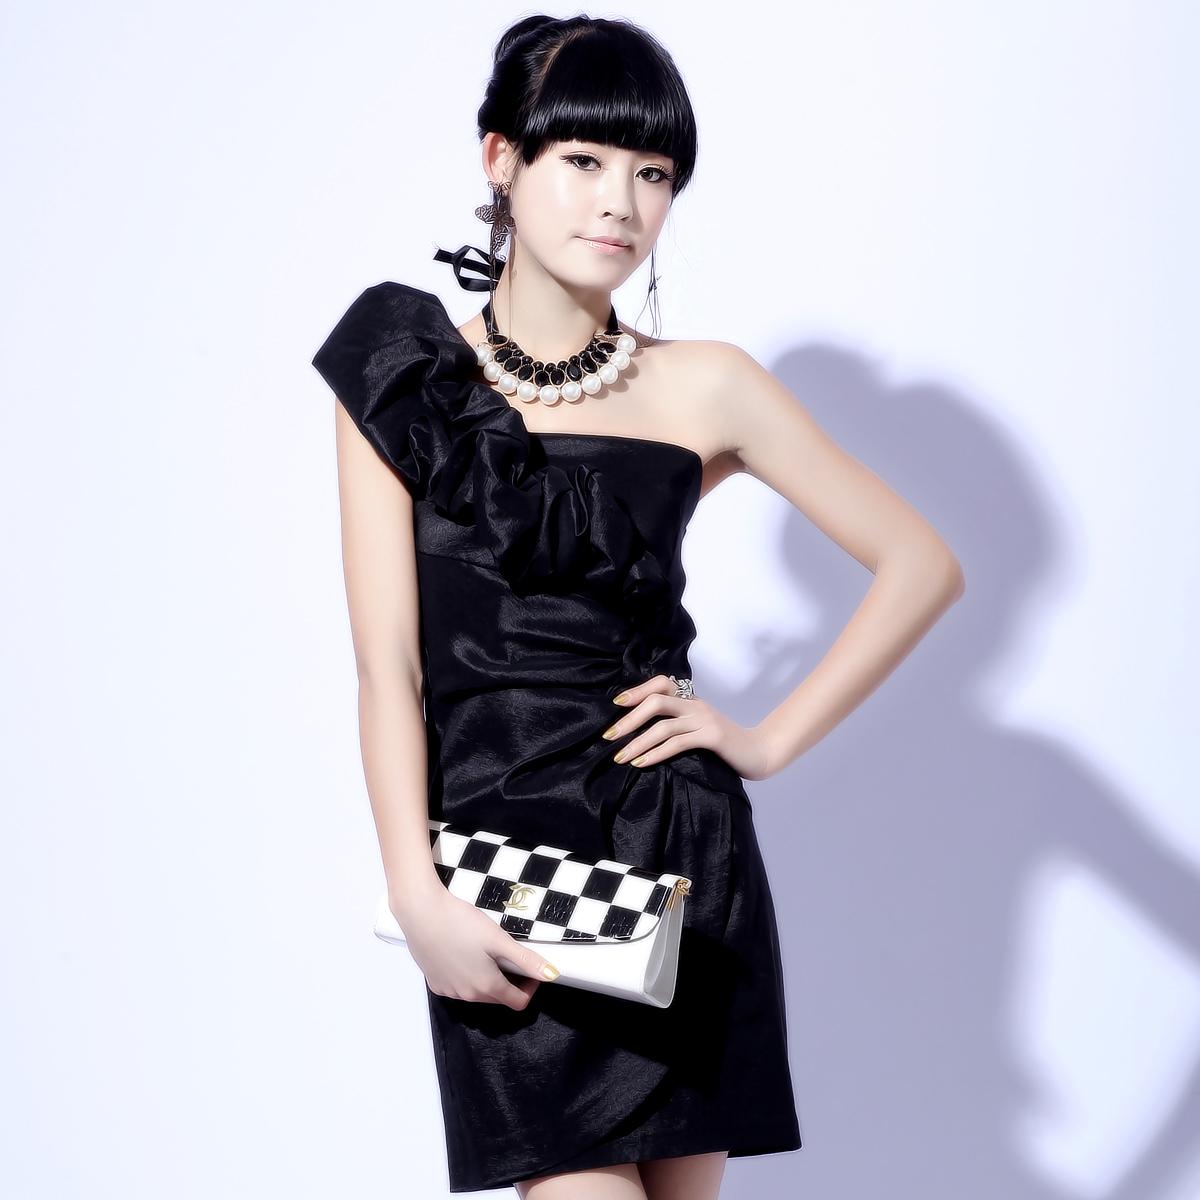 Вечернее платье Spicy Girl hot 009 2013 Spicy Girl hot